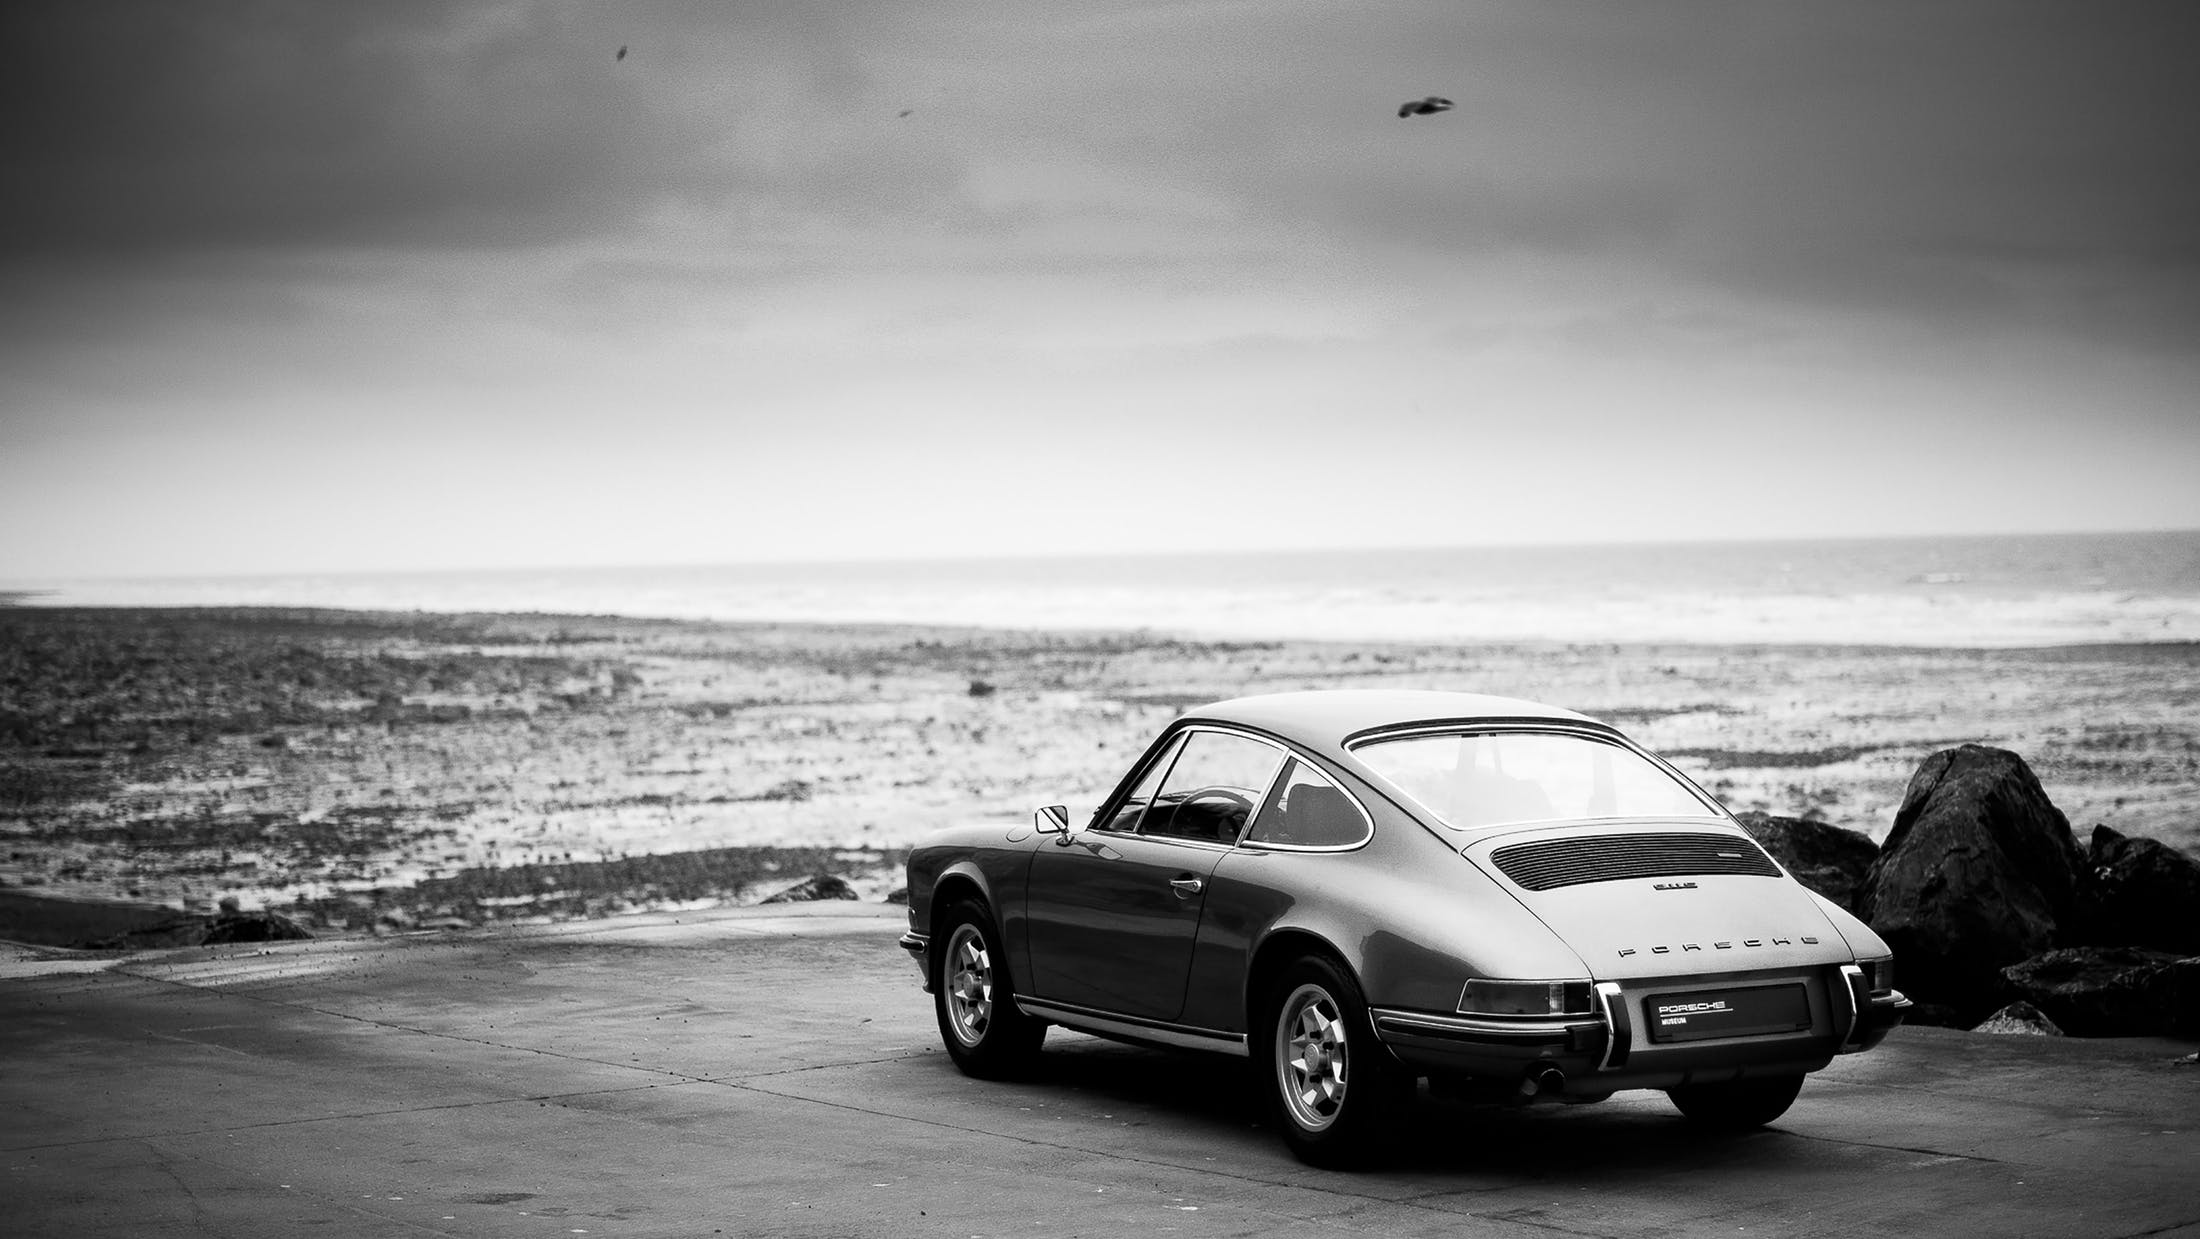 Porsche compie 70 anni. Per l'occasione continua il tour italiano Sportscar Together, che toccherà le località più belle d'Italia patrocinate dal FAI.